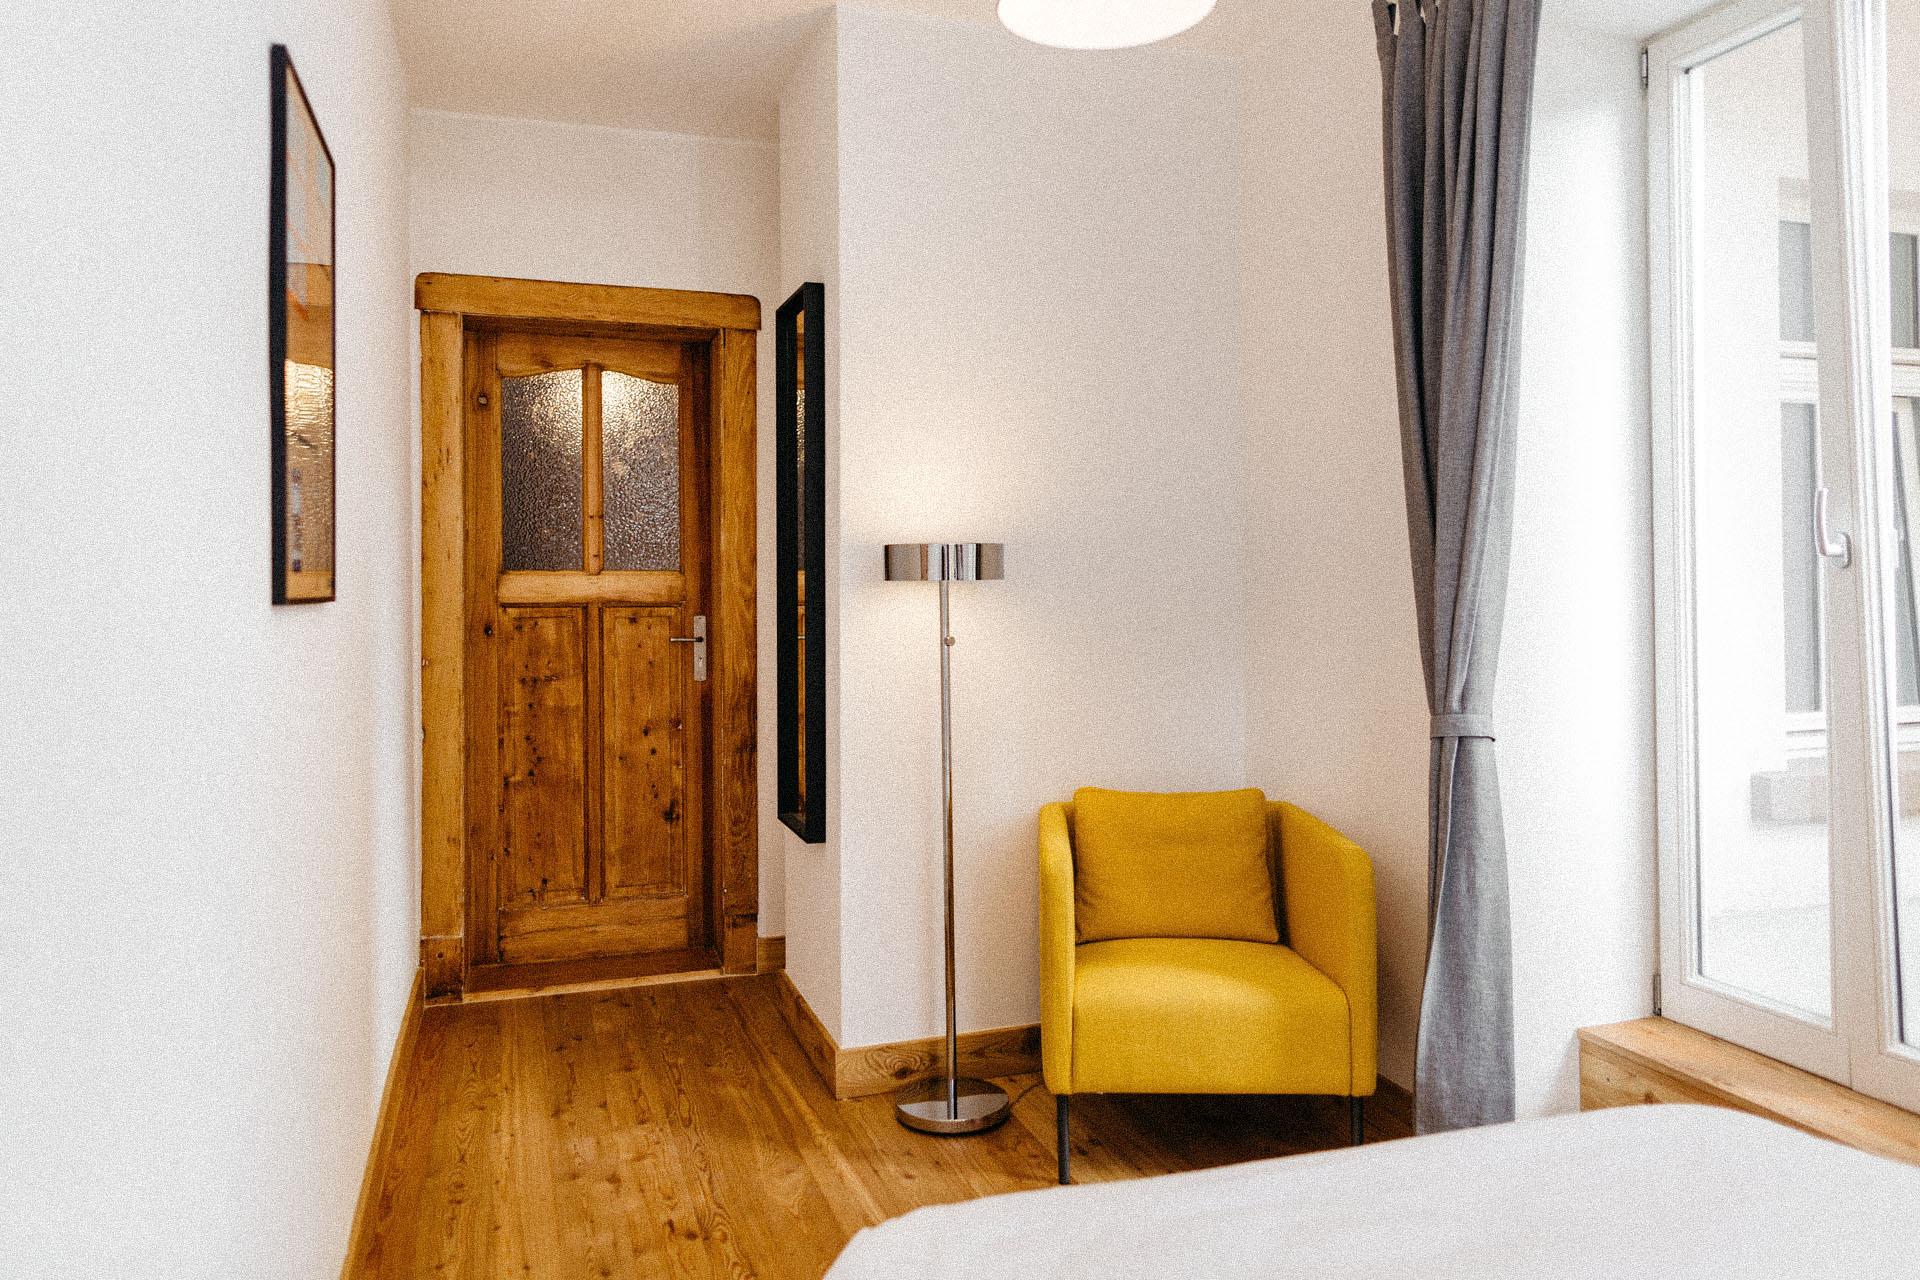 Schöne Holztür im Hintergrund mit einem gelben Sessel rechts neben der Tür und schönem Holzfußboden